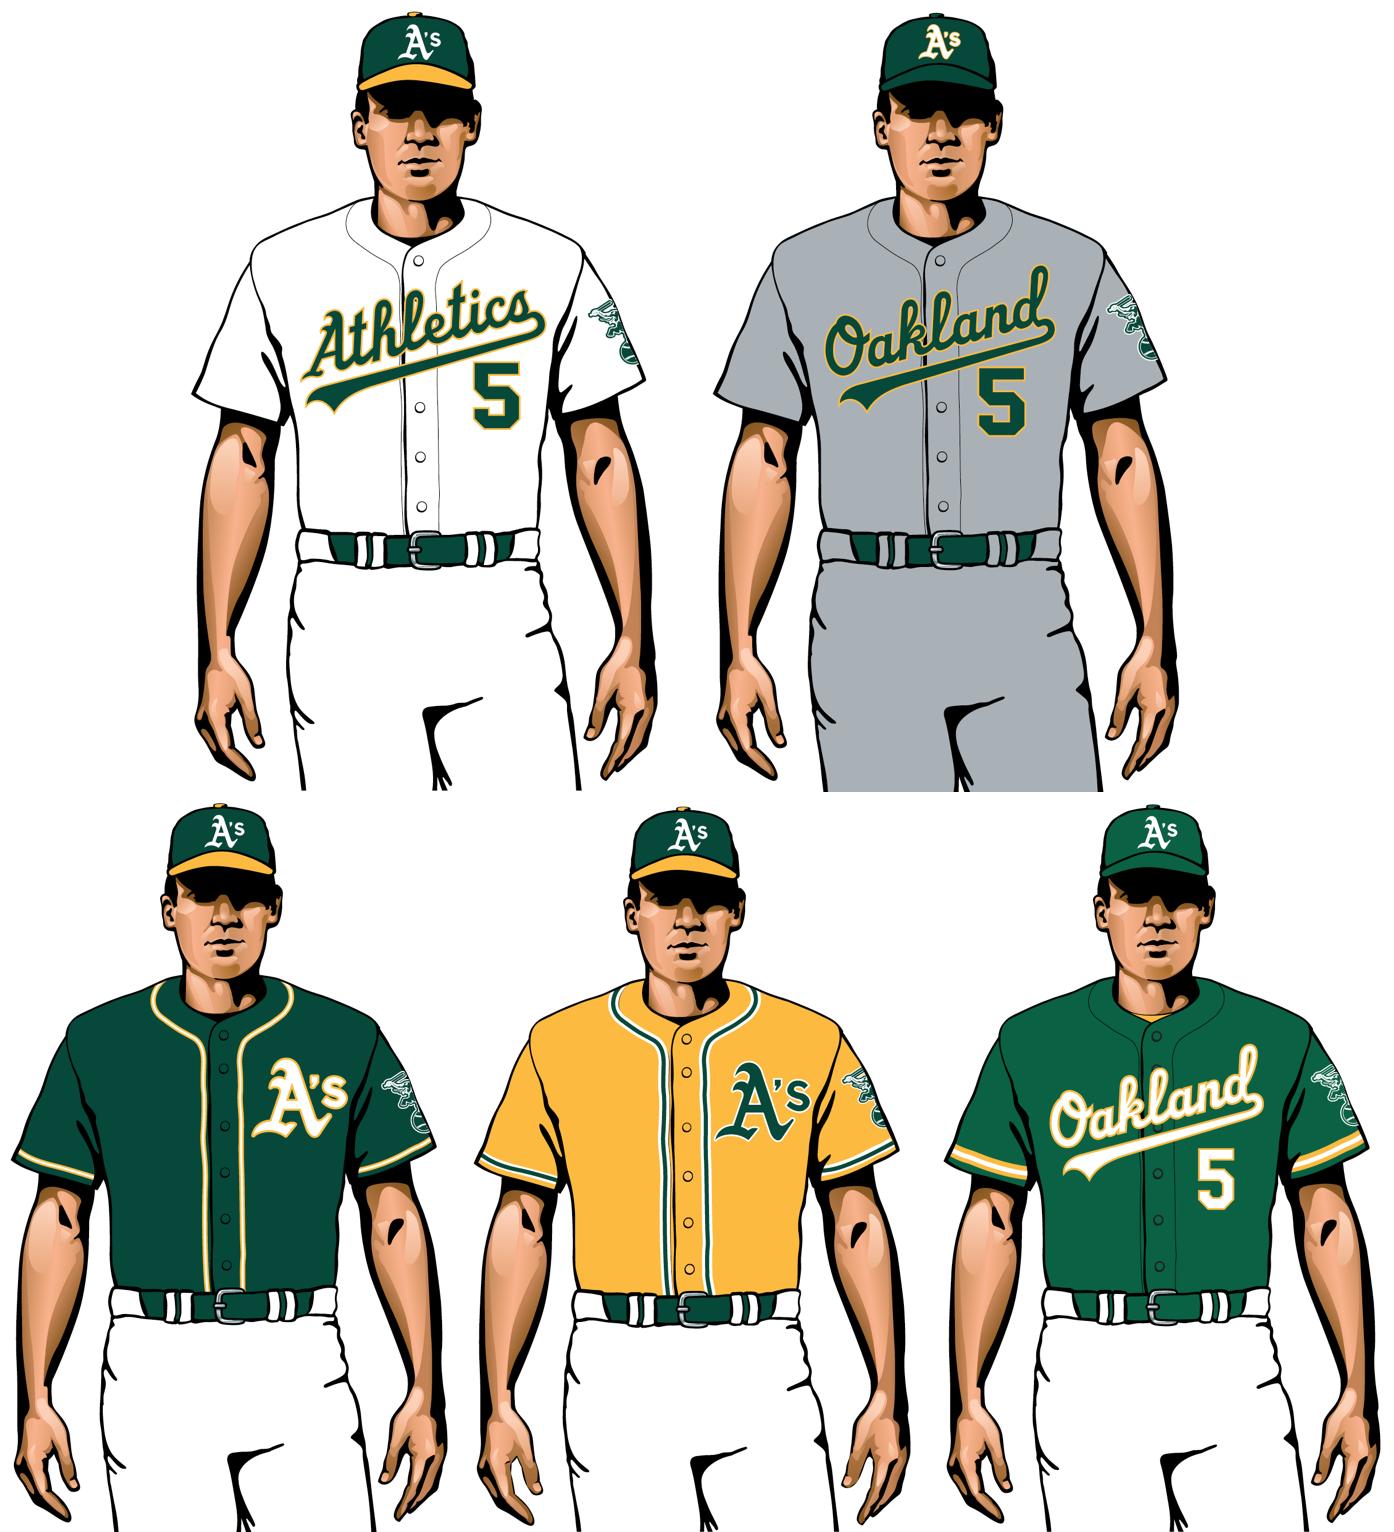 uniformes 2020 de Oakland a